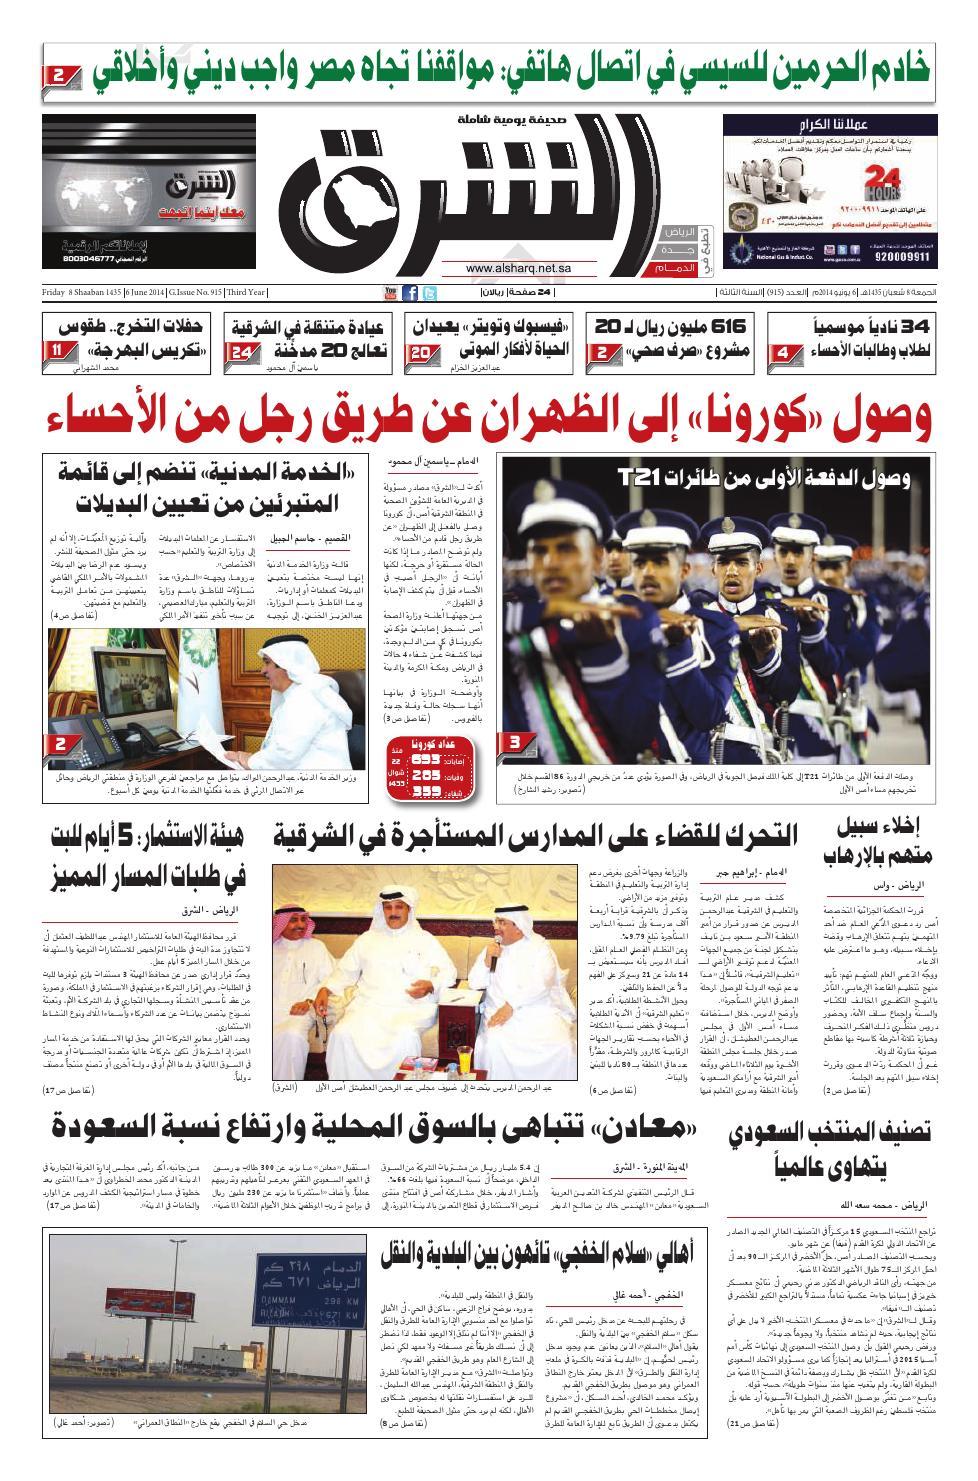 9cb40a987 صحيفة الشرق - العدد 915 - نسخة الدمام by صحيفة الشرق السعودية - issuu